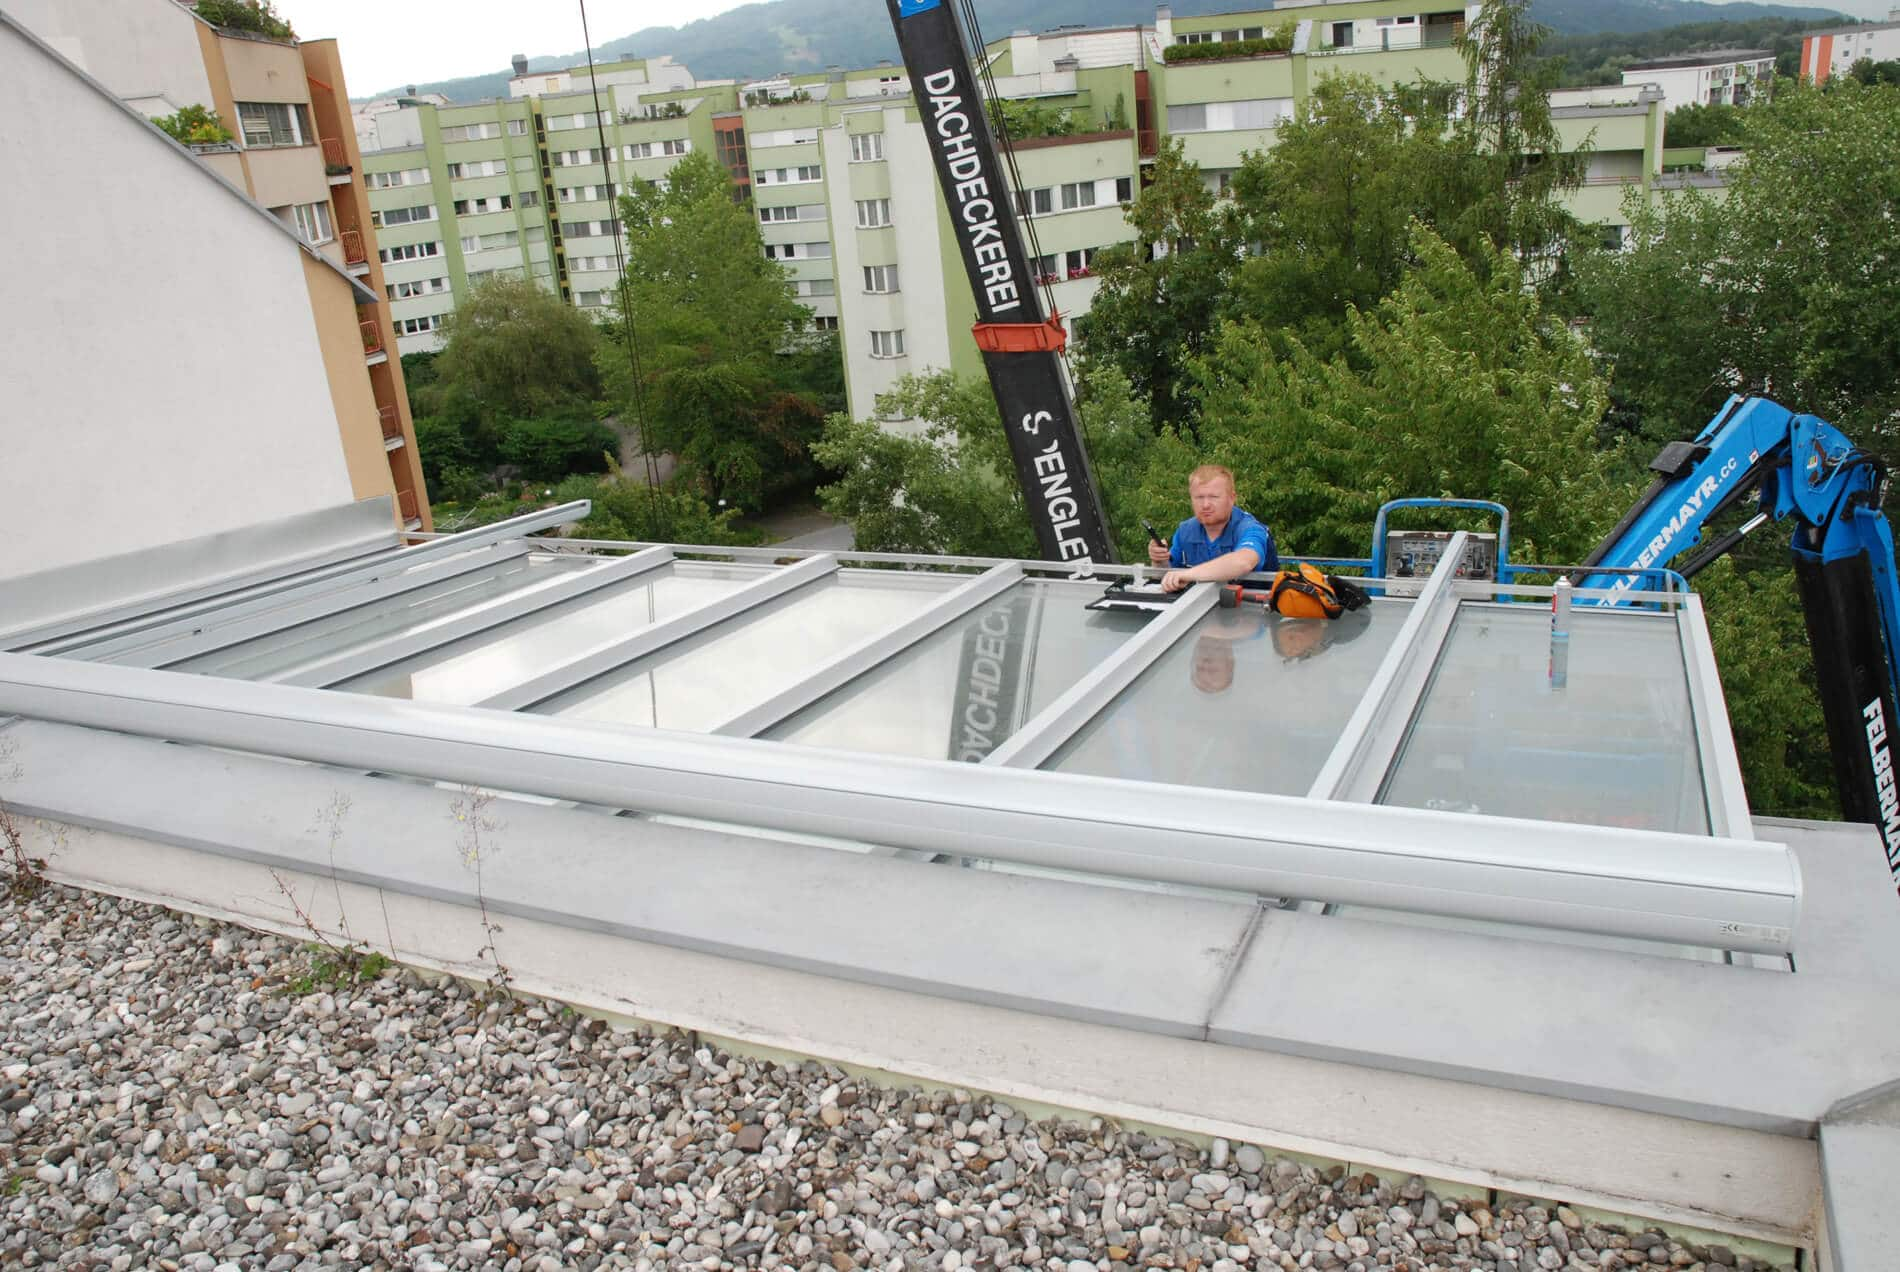 Wintergarten Montage Dachgeschoss in Linz